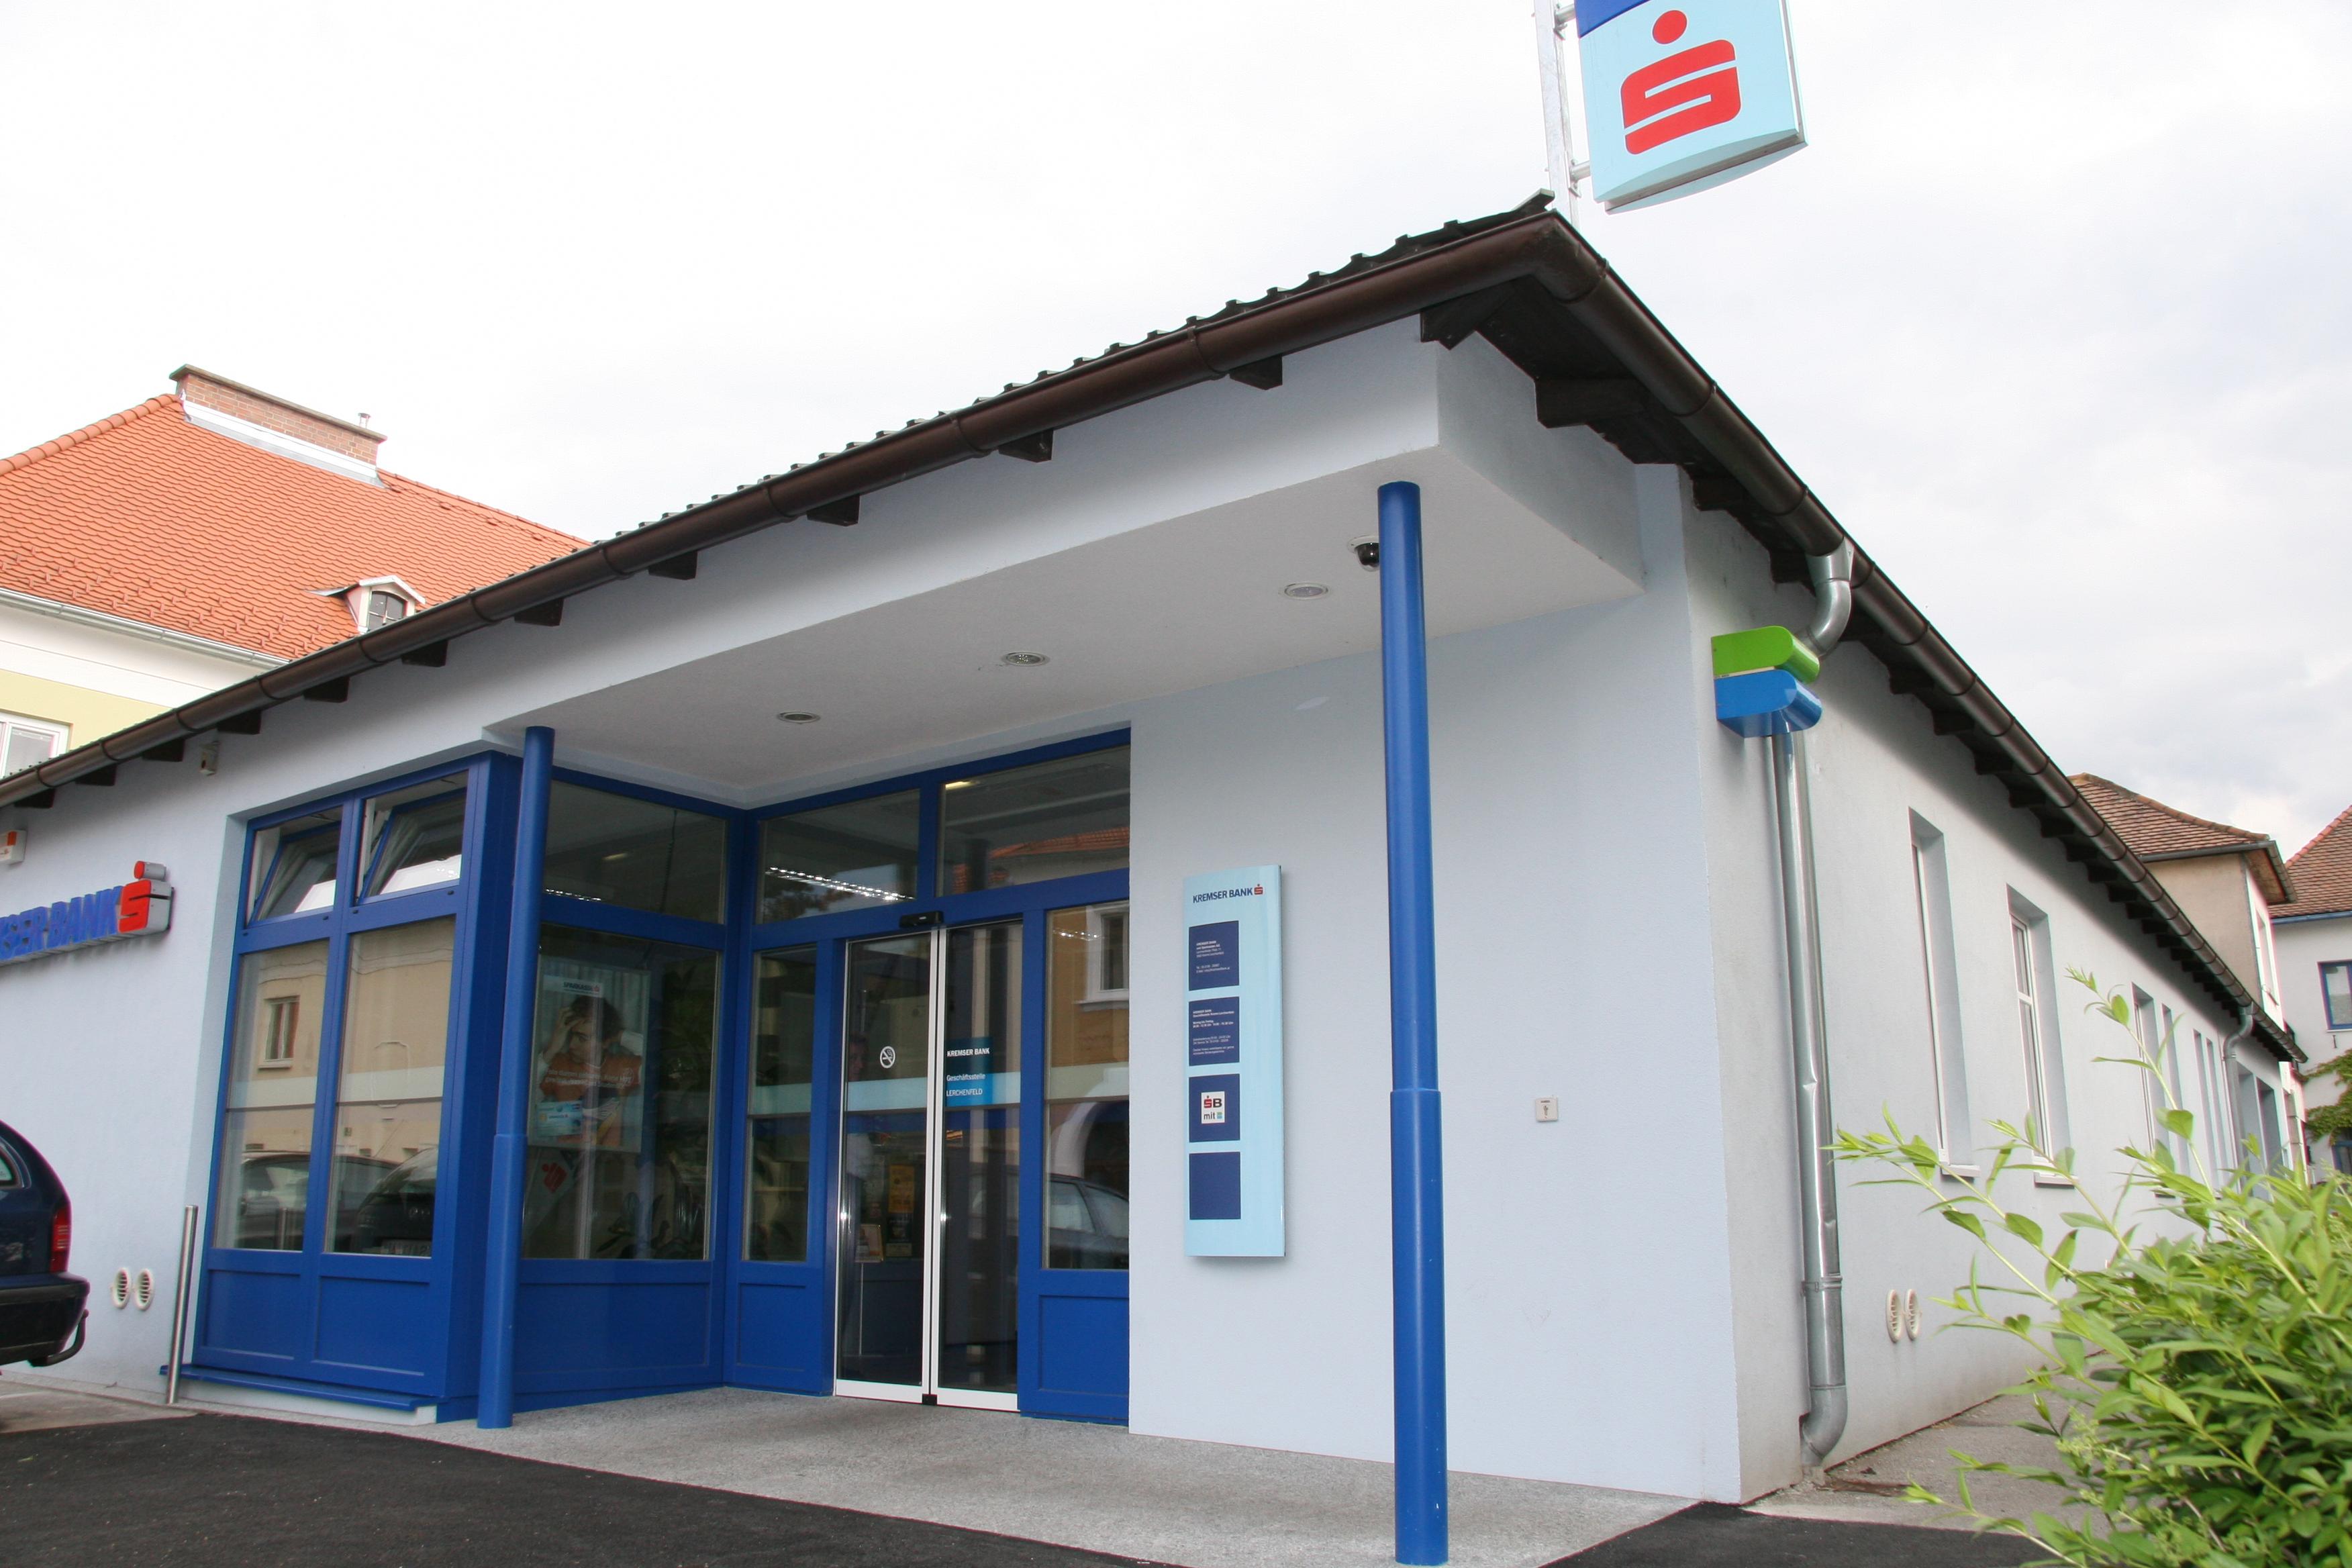 Stadtteil Krems-Lerchenfeld: kumenische Solidaritt in